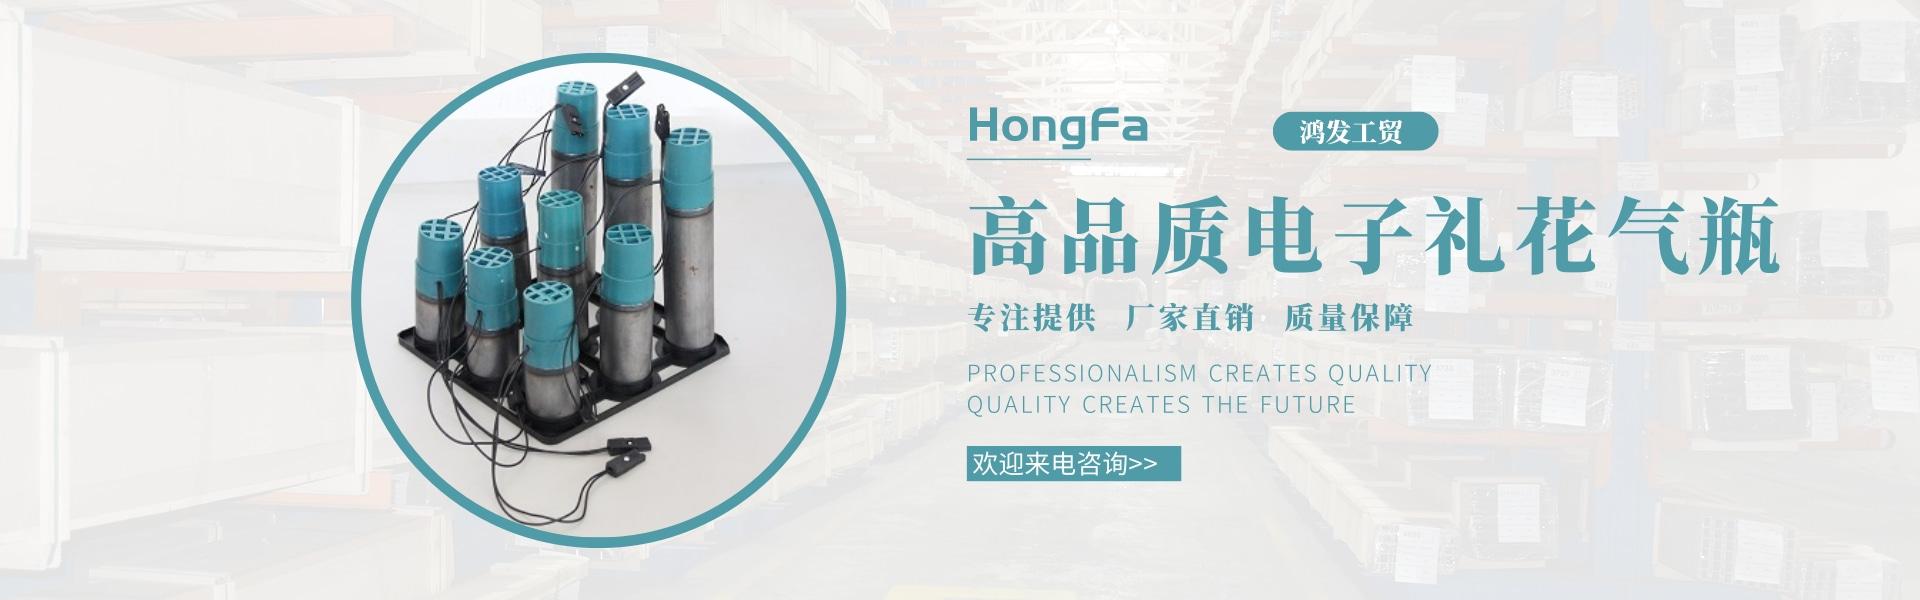 http://hongfagongmao.hcwsw.cn/company/contact/